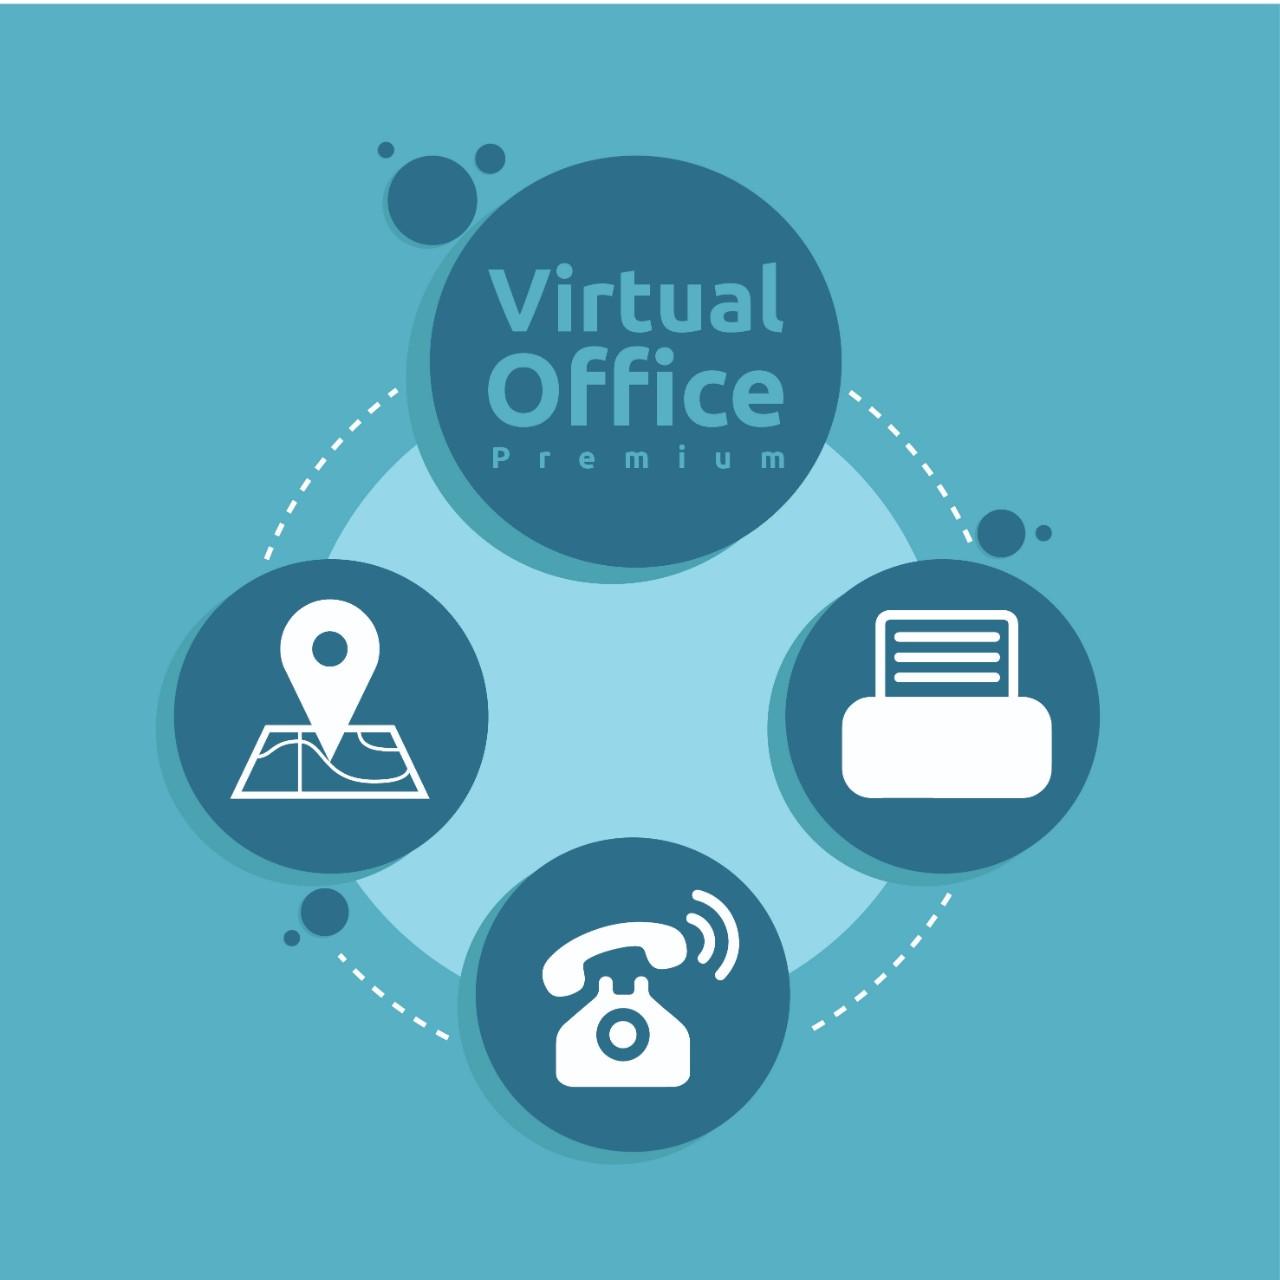 Virtual Office Premium